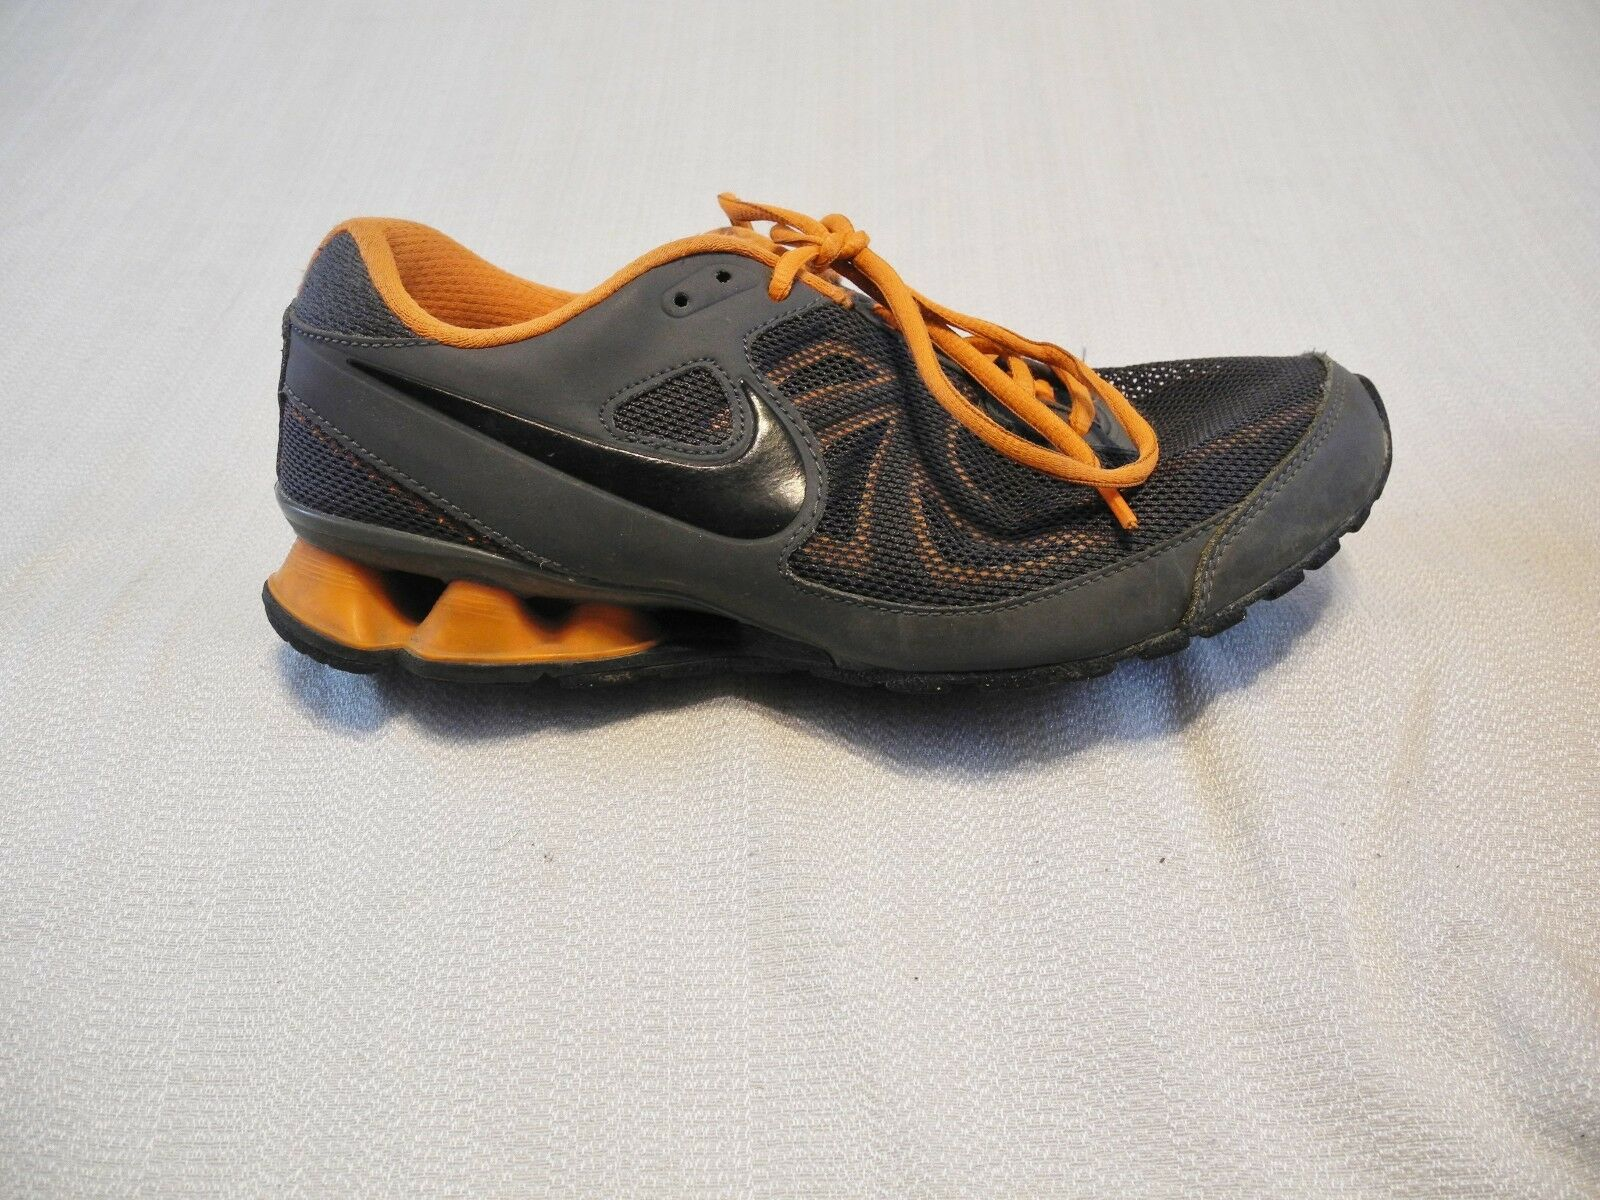 Nike reax correre correre correre 7 dimensioni 7,5 grigio - arancione nero 525763 002 | Bassi costi  | Garanzia di qualità e quantità  | moderno  683989